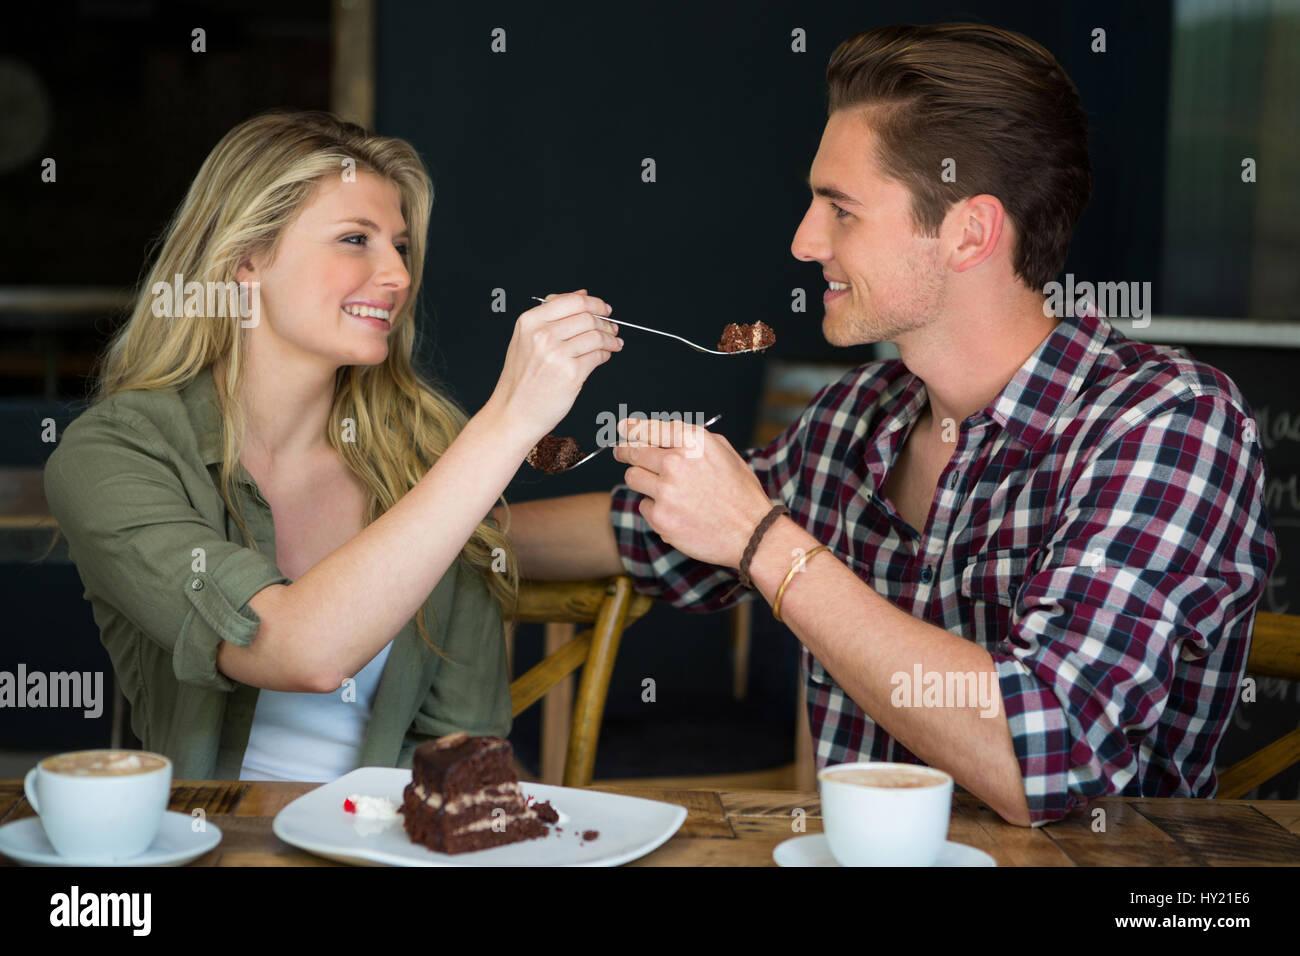 Lächelnd junges Paar Fütterung einander Dessert im café Stockbild